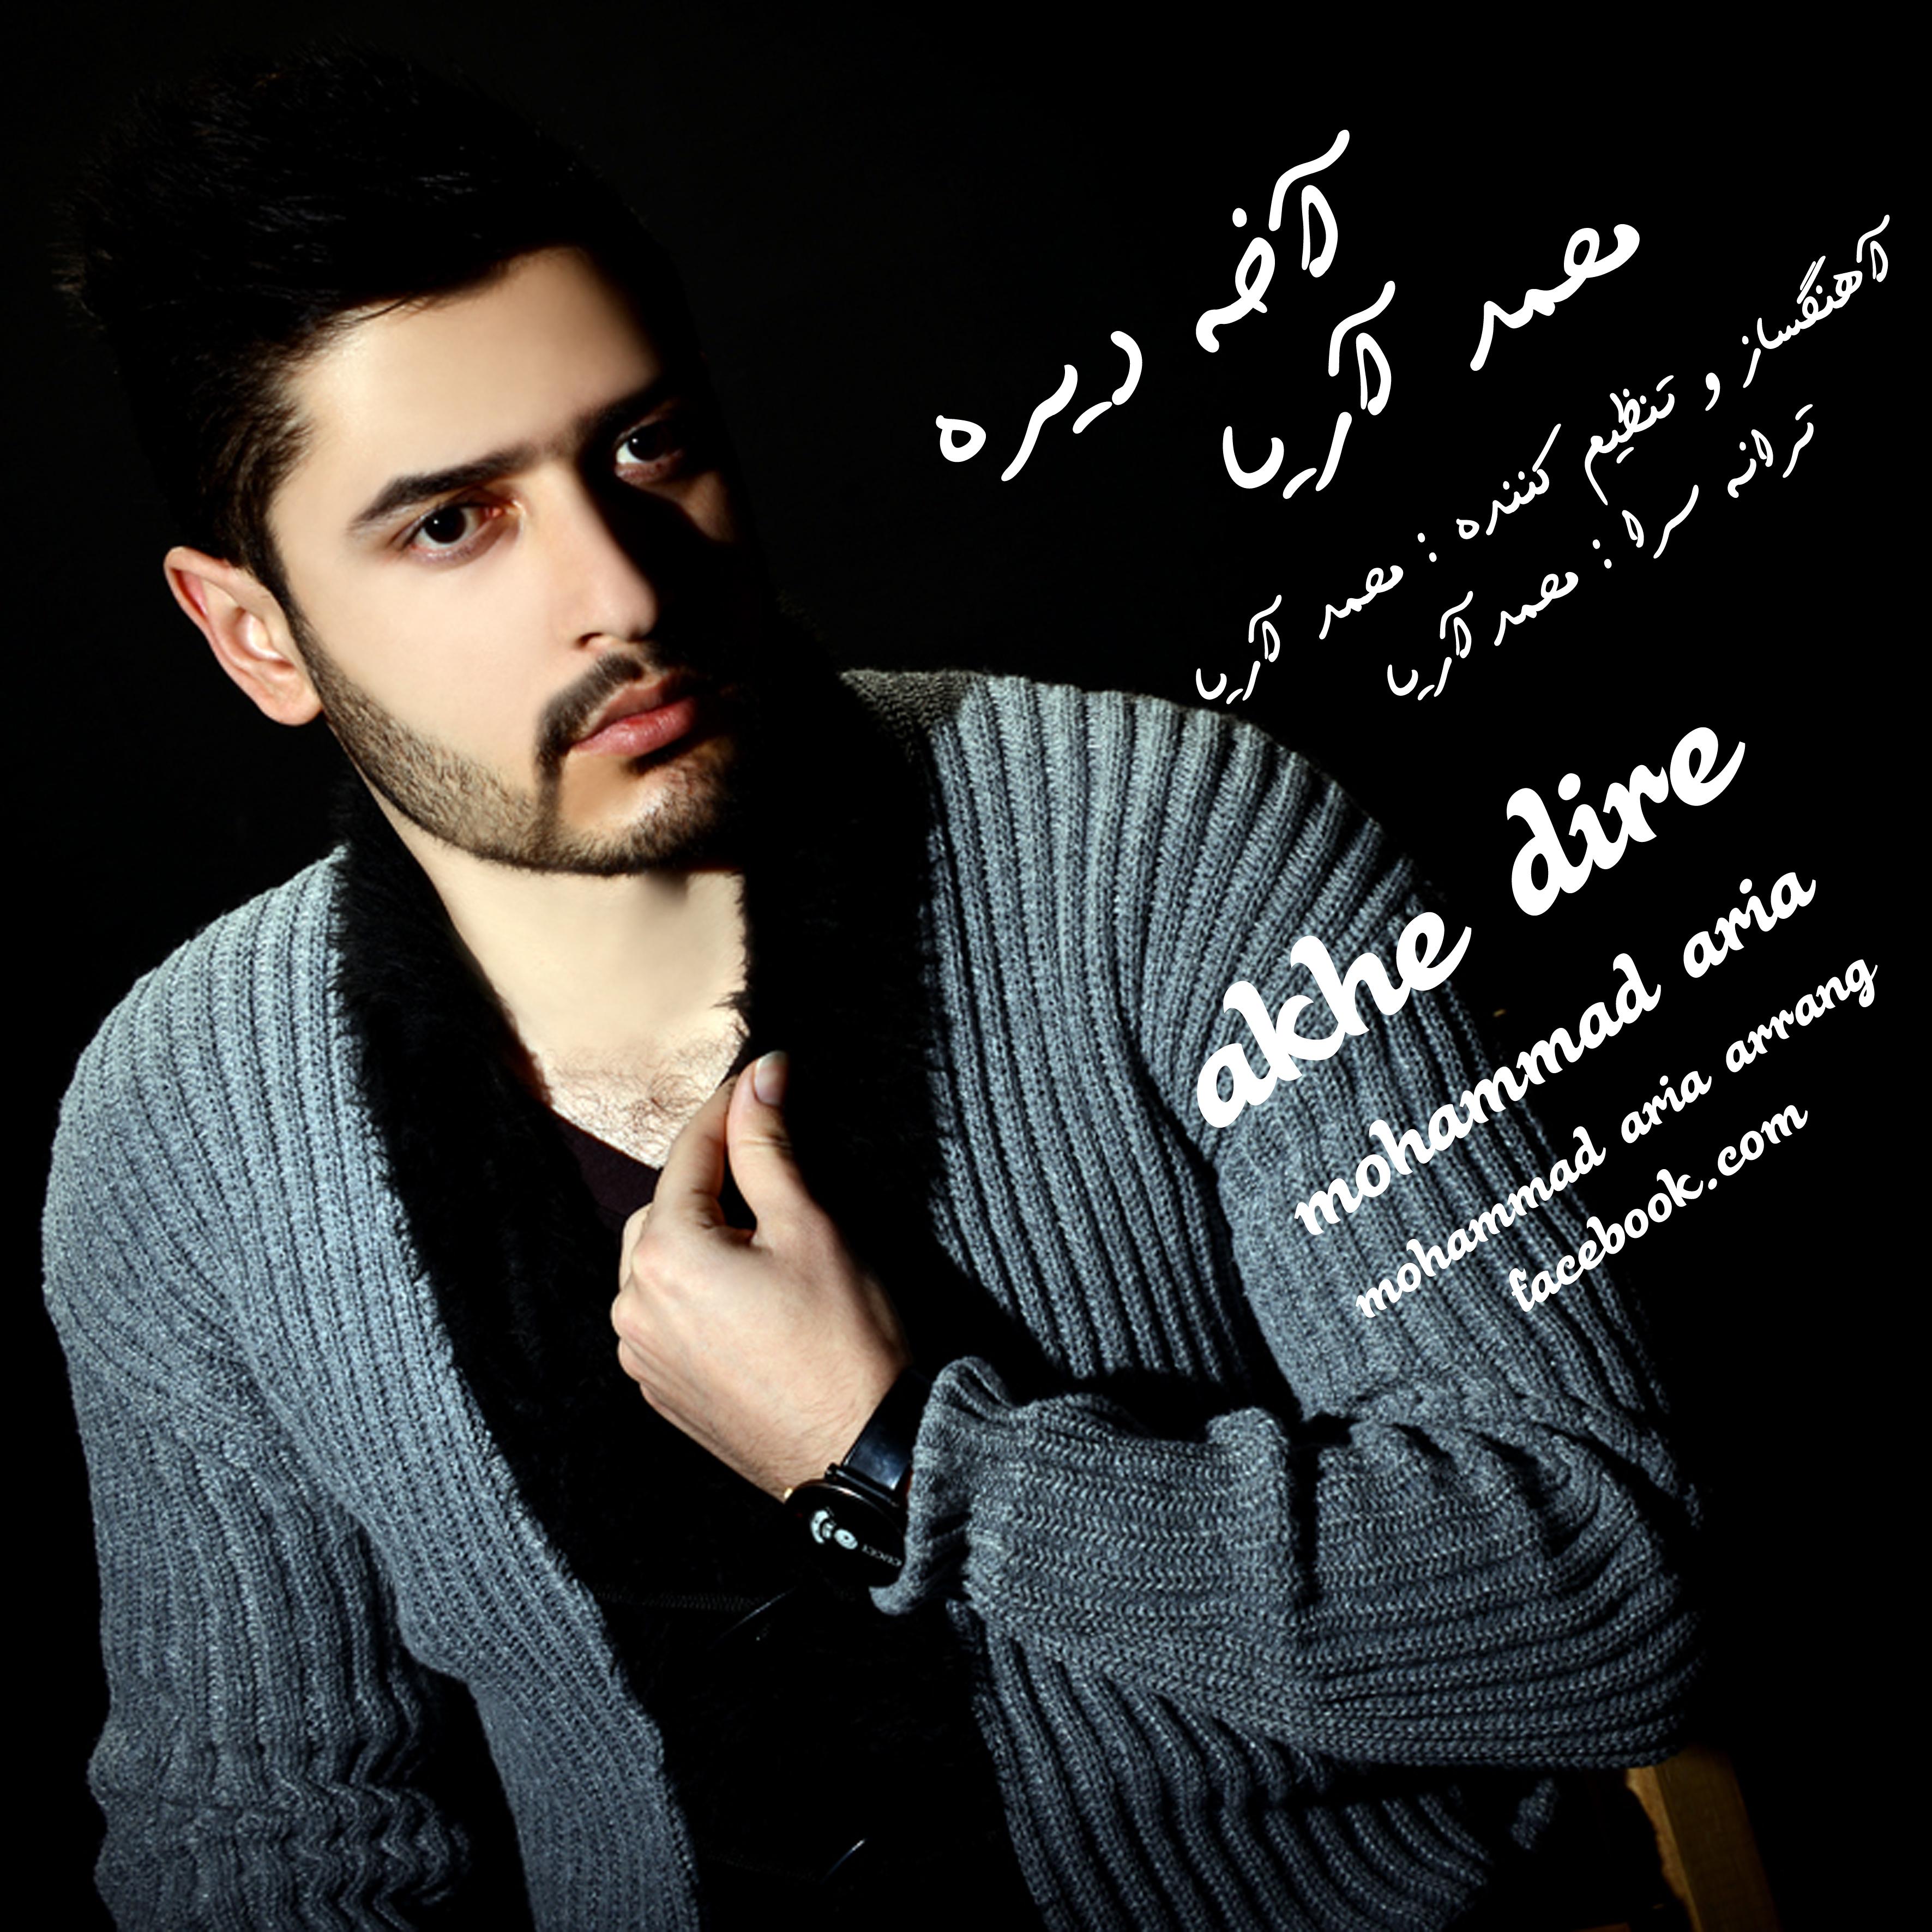 دانلود آهنگ جدید محمد آریا به نام آخه دیره